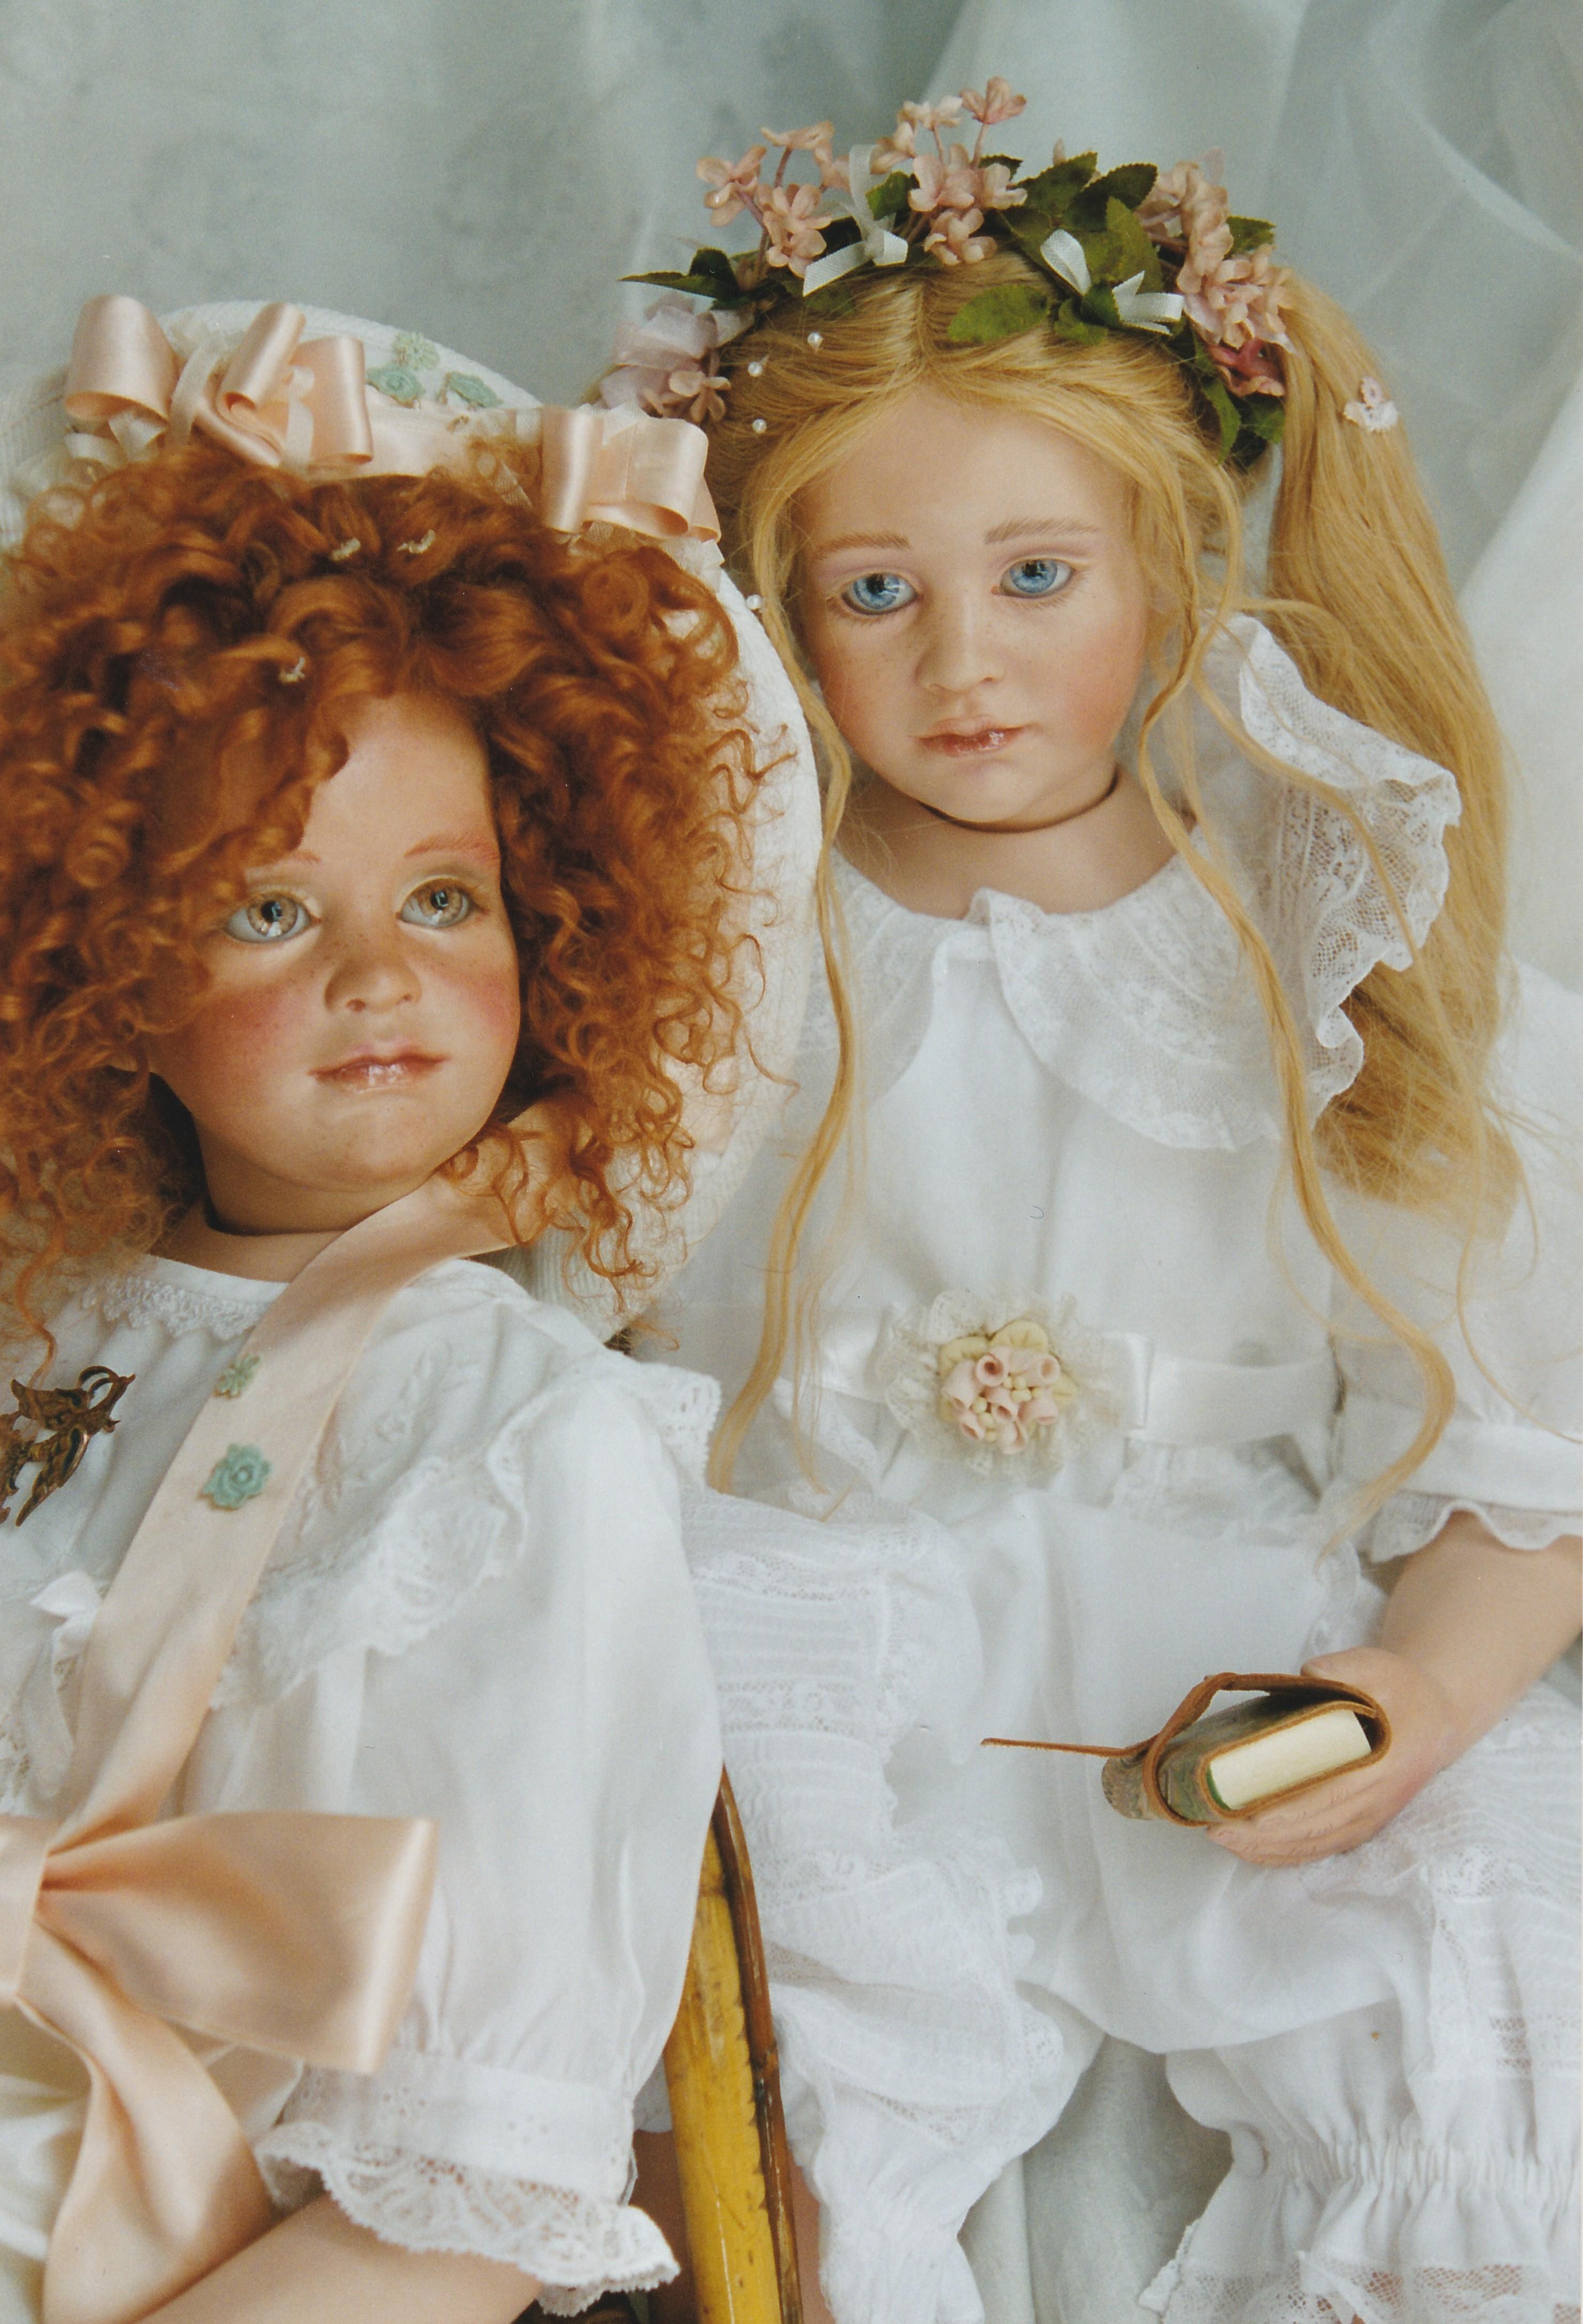 CLARISSA E ANGELICA